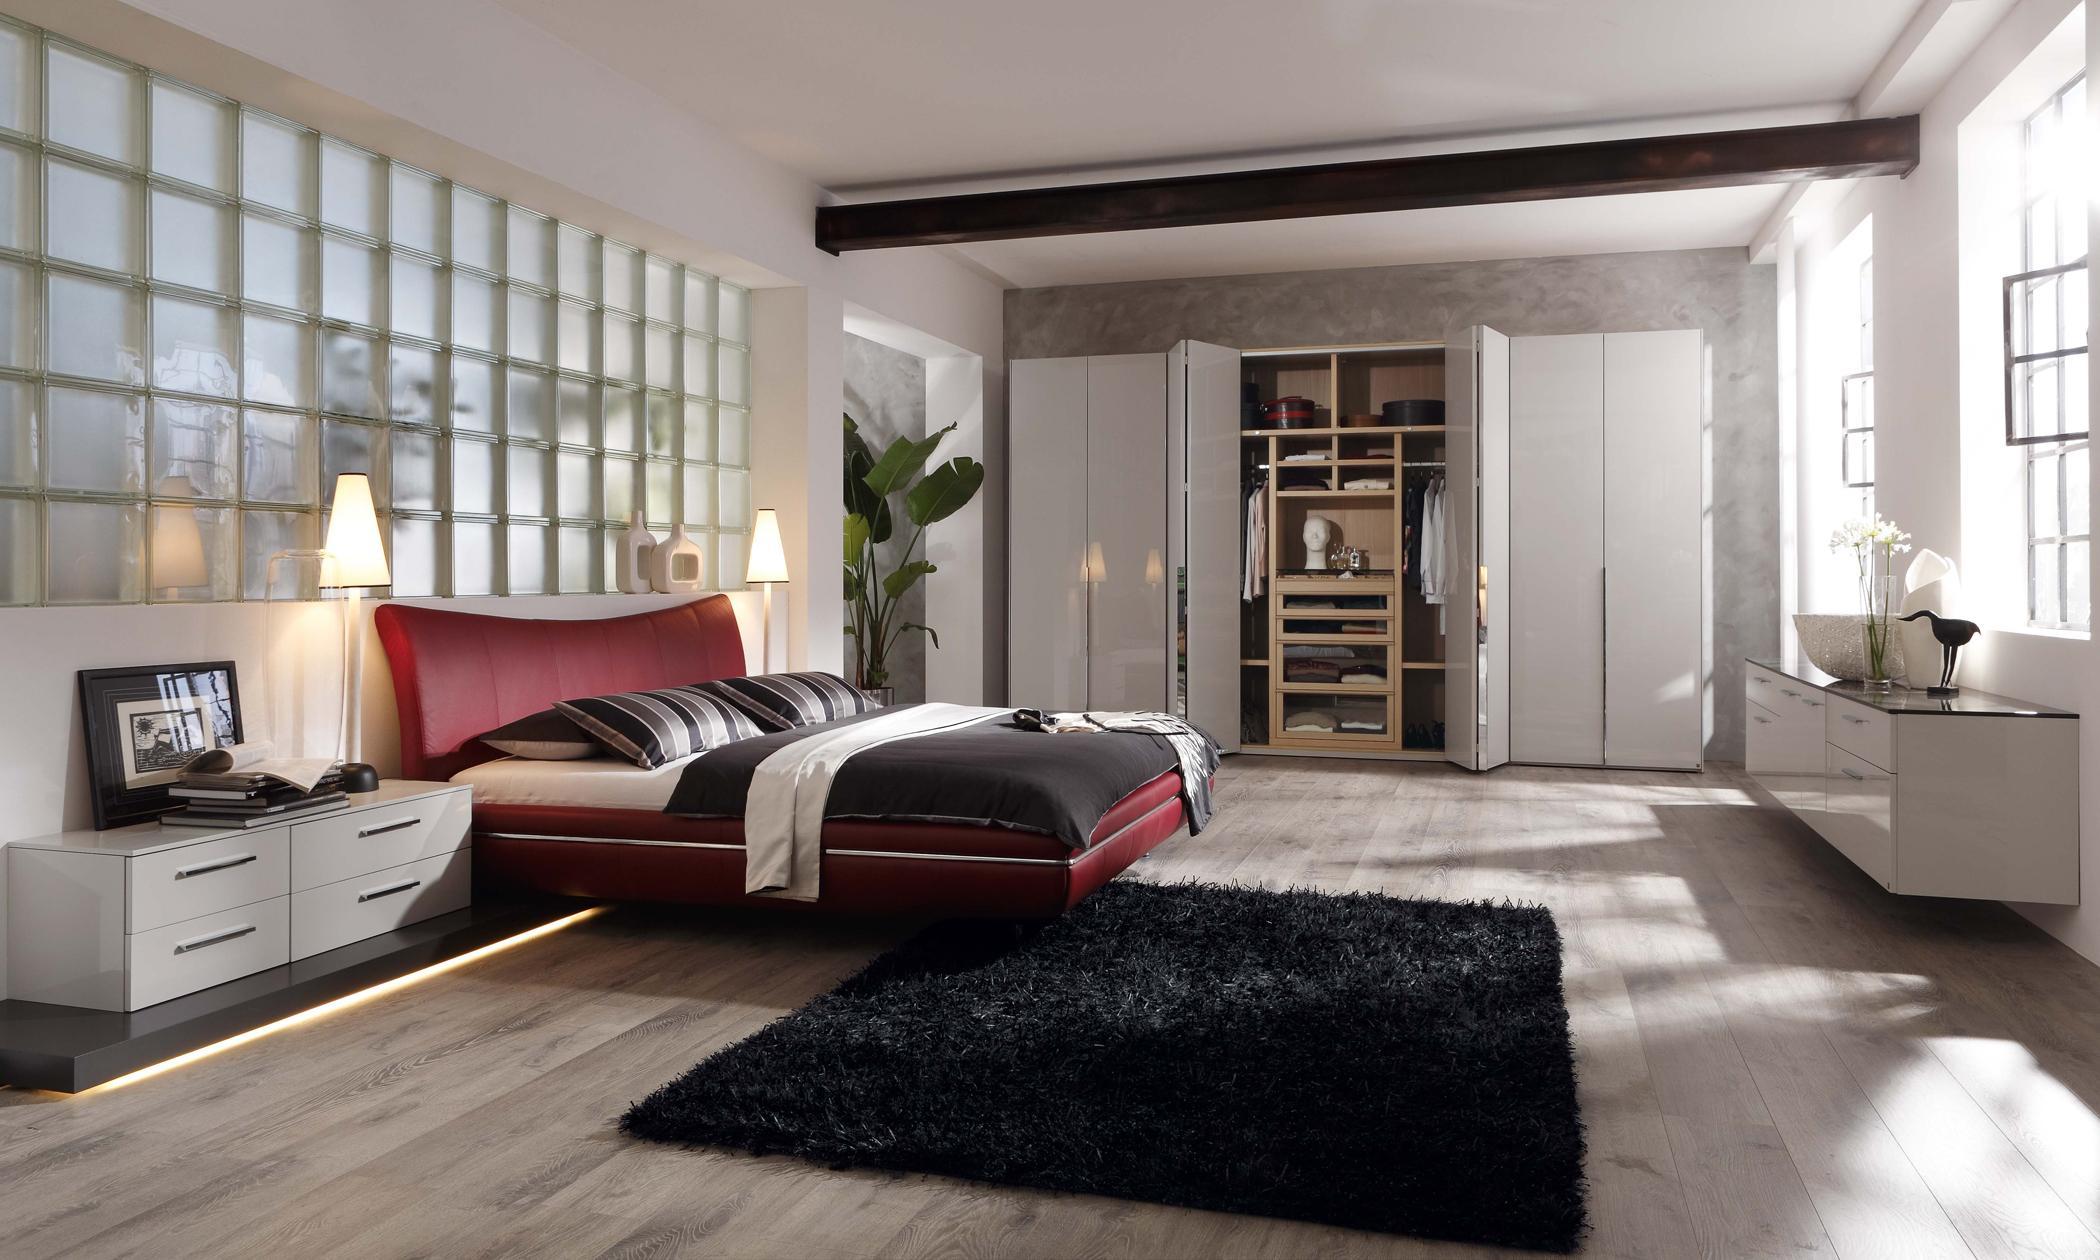 Full Size of Musterring Betten Rotes Doppelbett Bett Sideboard Couch 180x200 Rauch Xxl Ruf Ottoversand Günstig Kaufen Esstisch Hamburg Ohne Kopfteil Team 7 Dico Joop Bett Musterring Betten